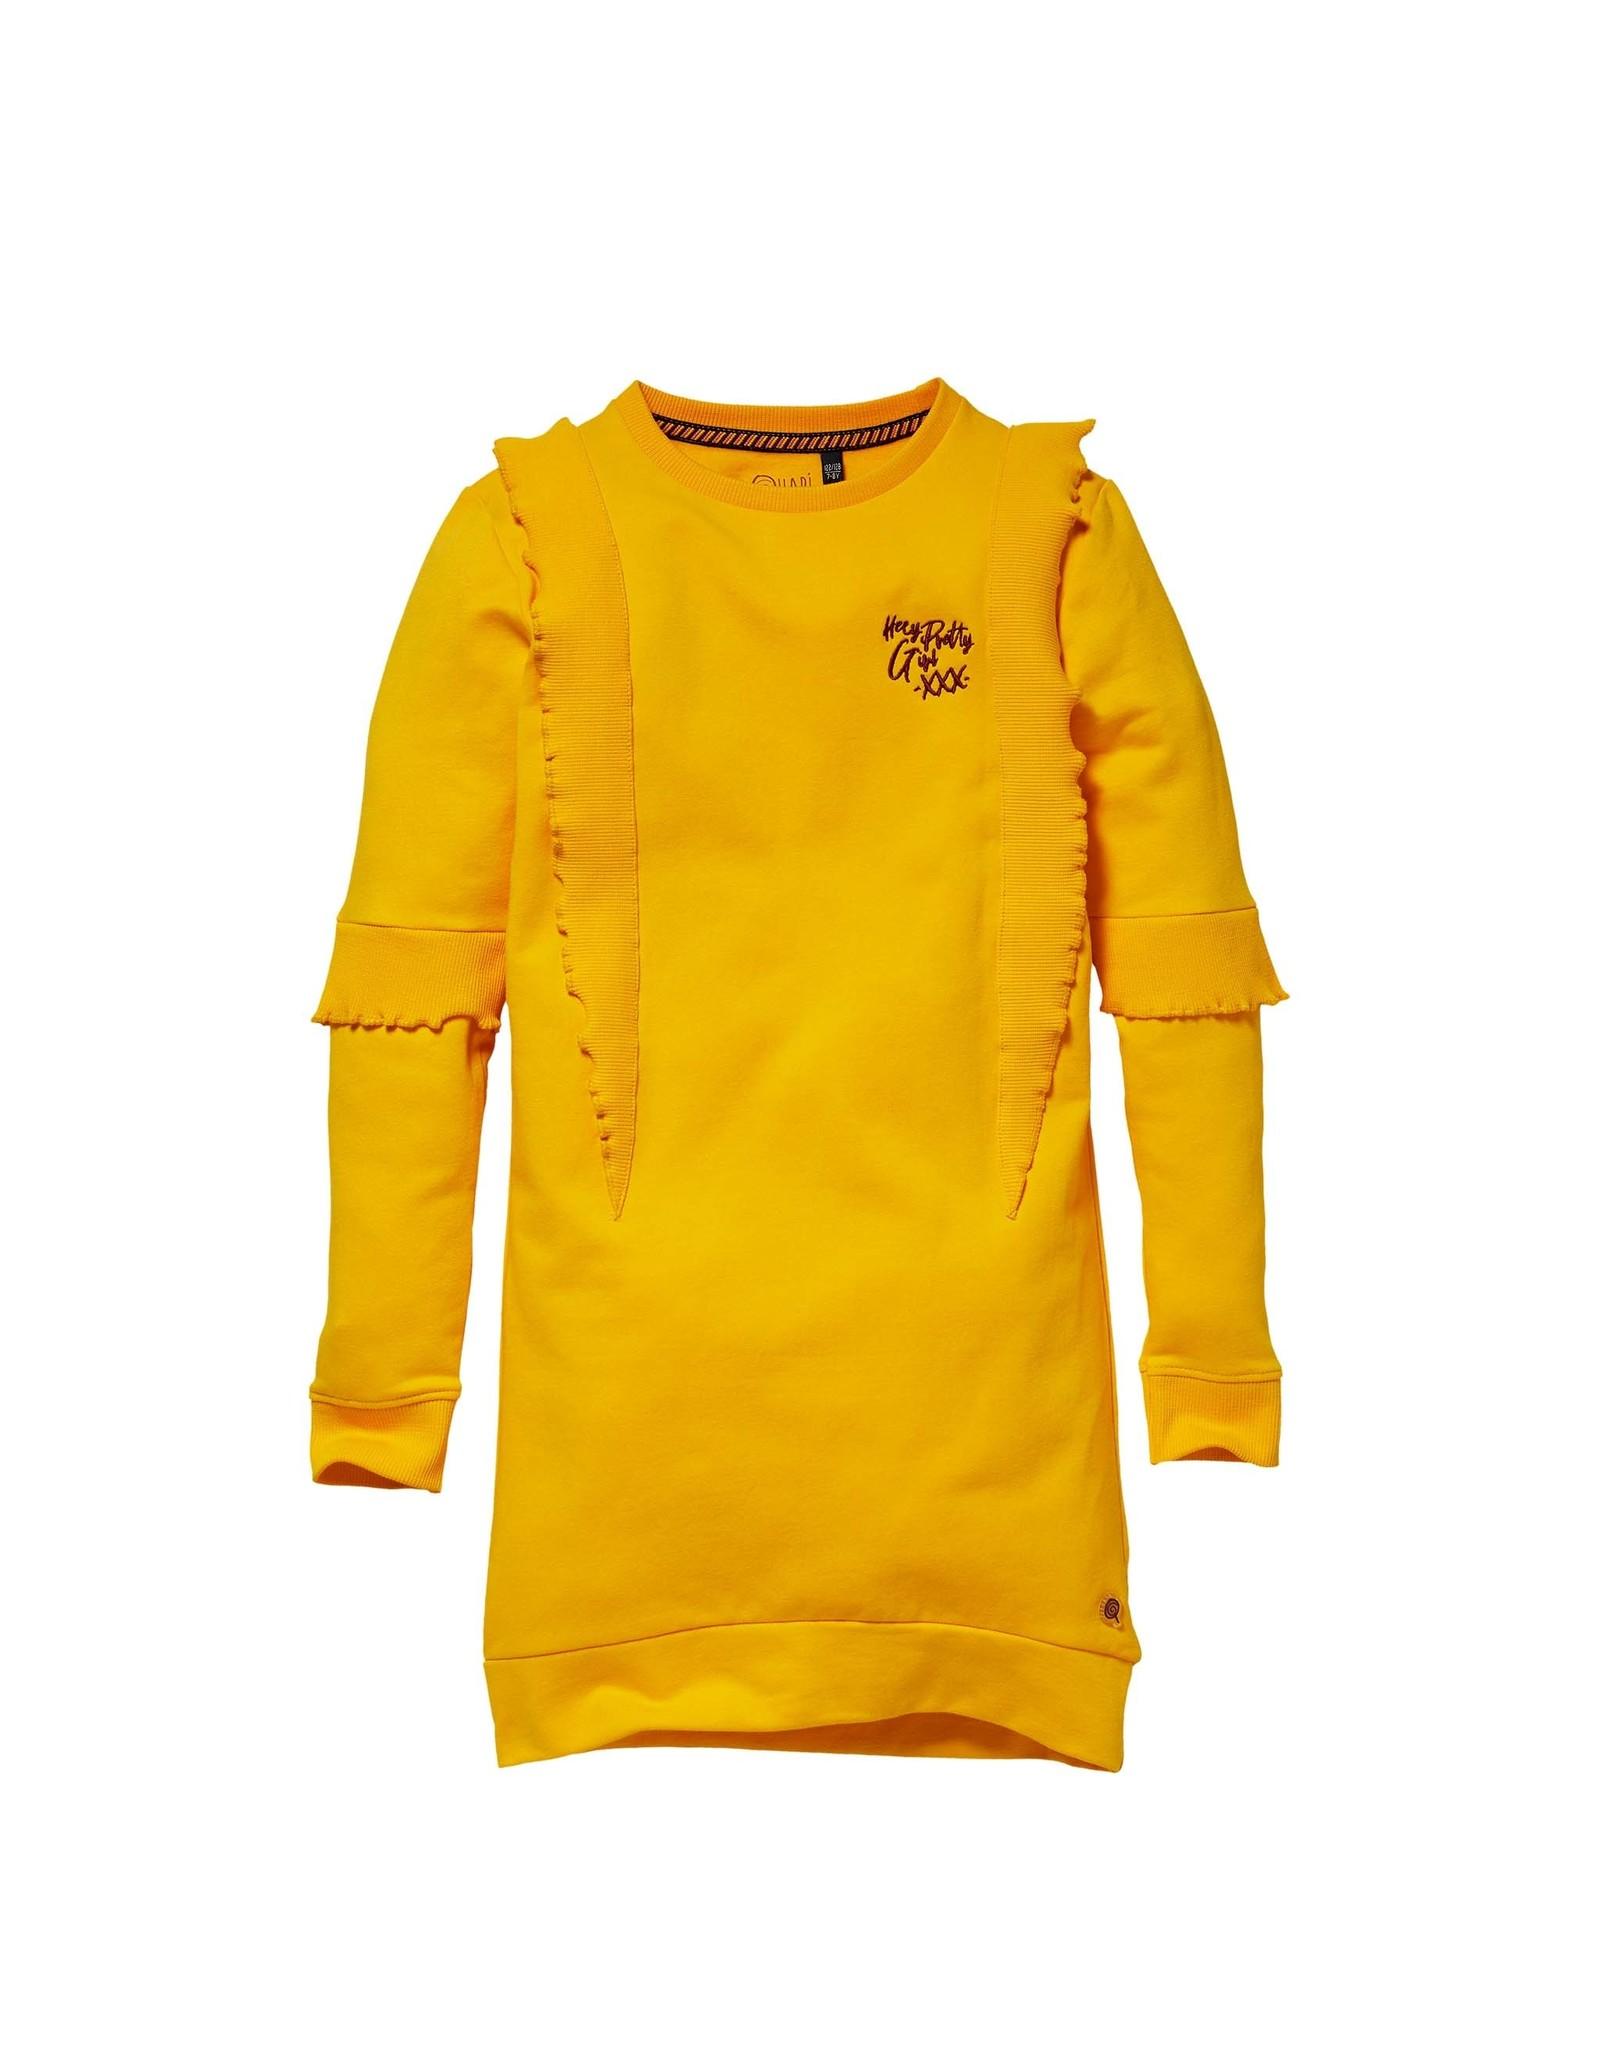 Quapi Quapi jurkje Karima yellow sun